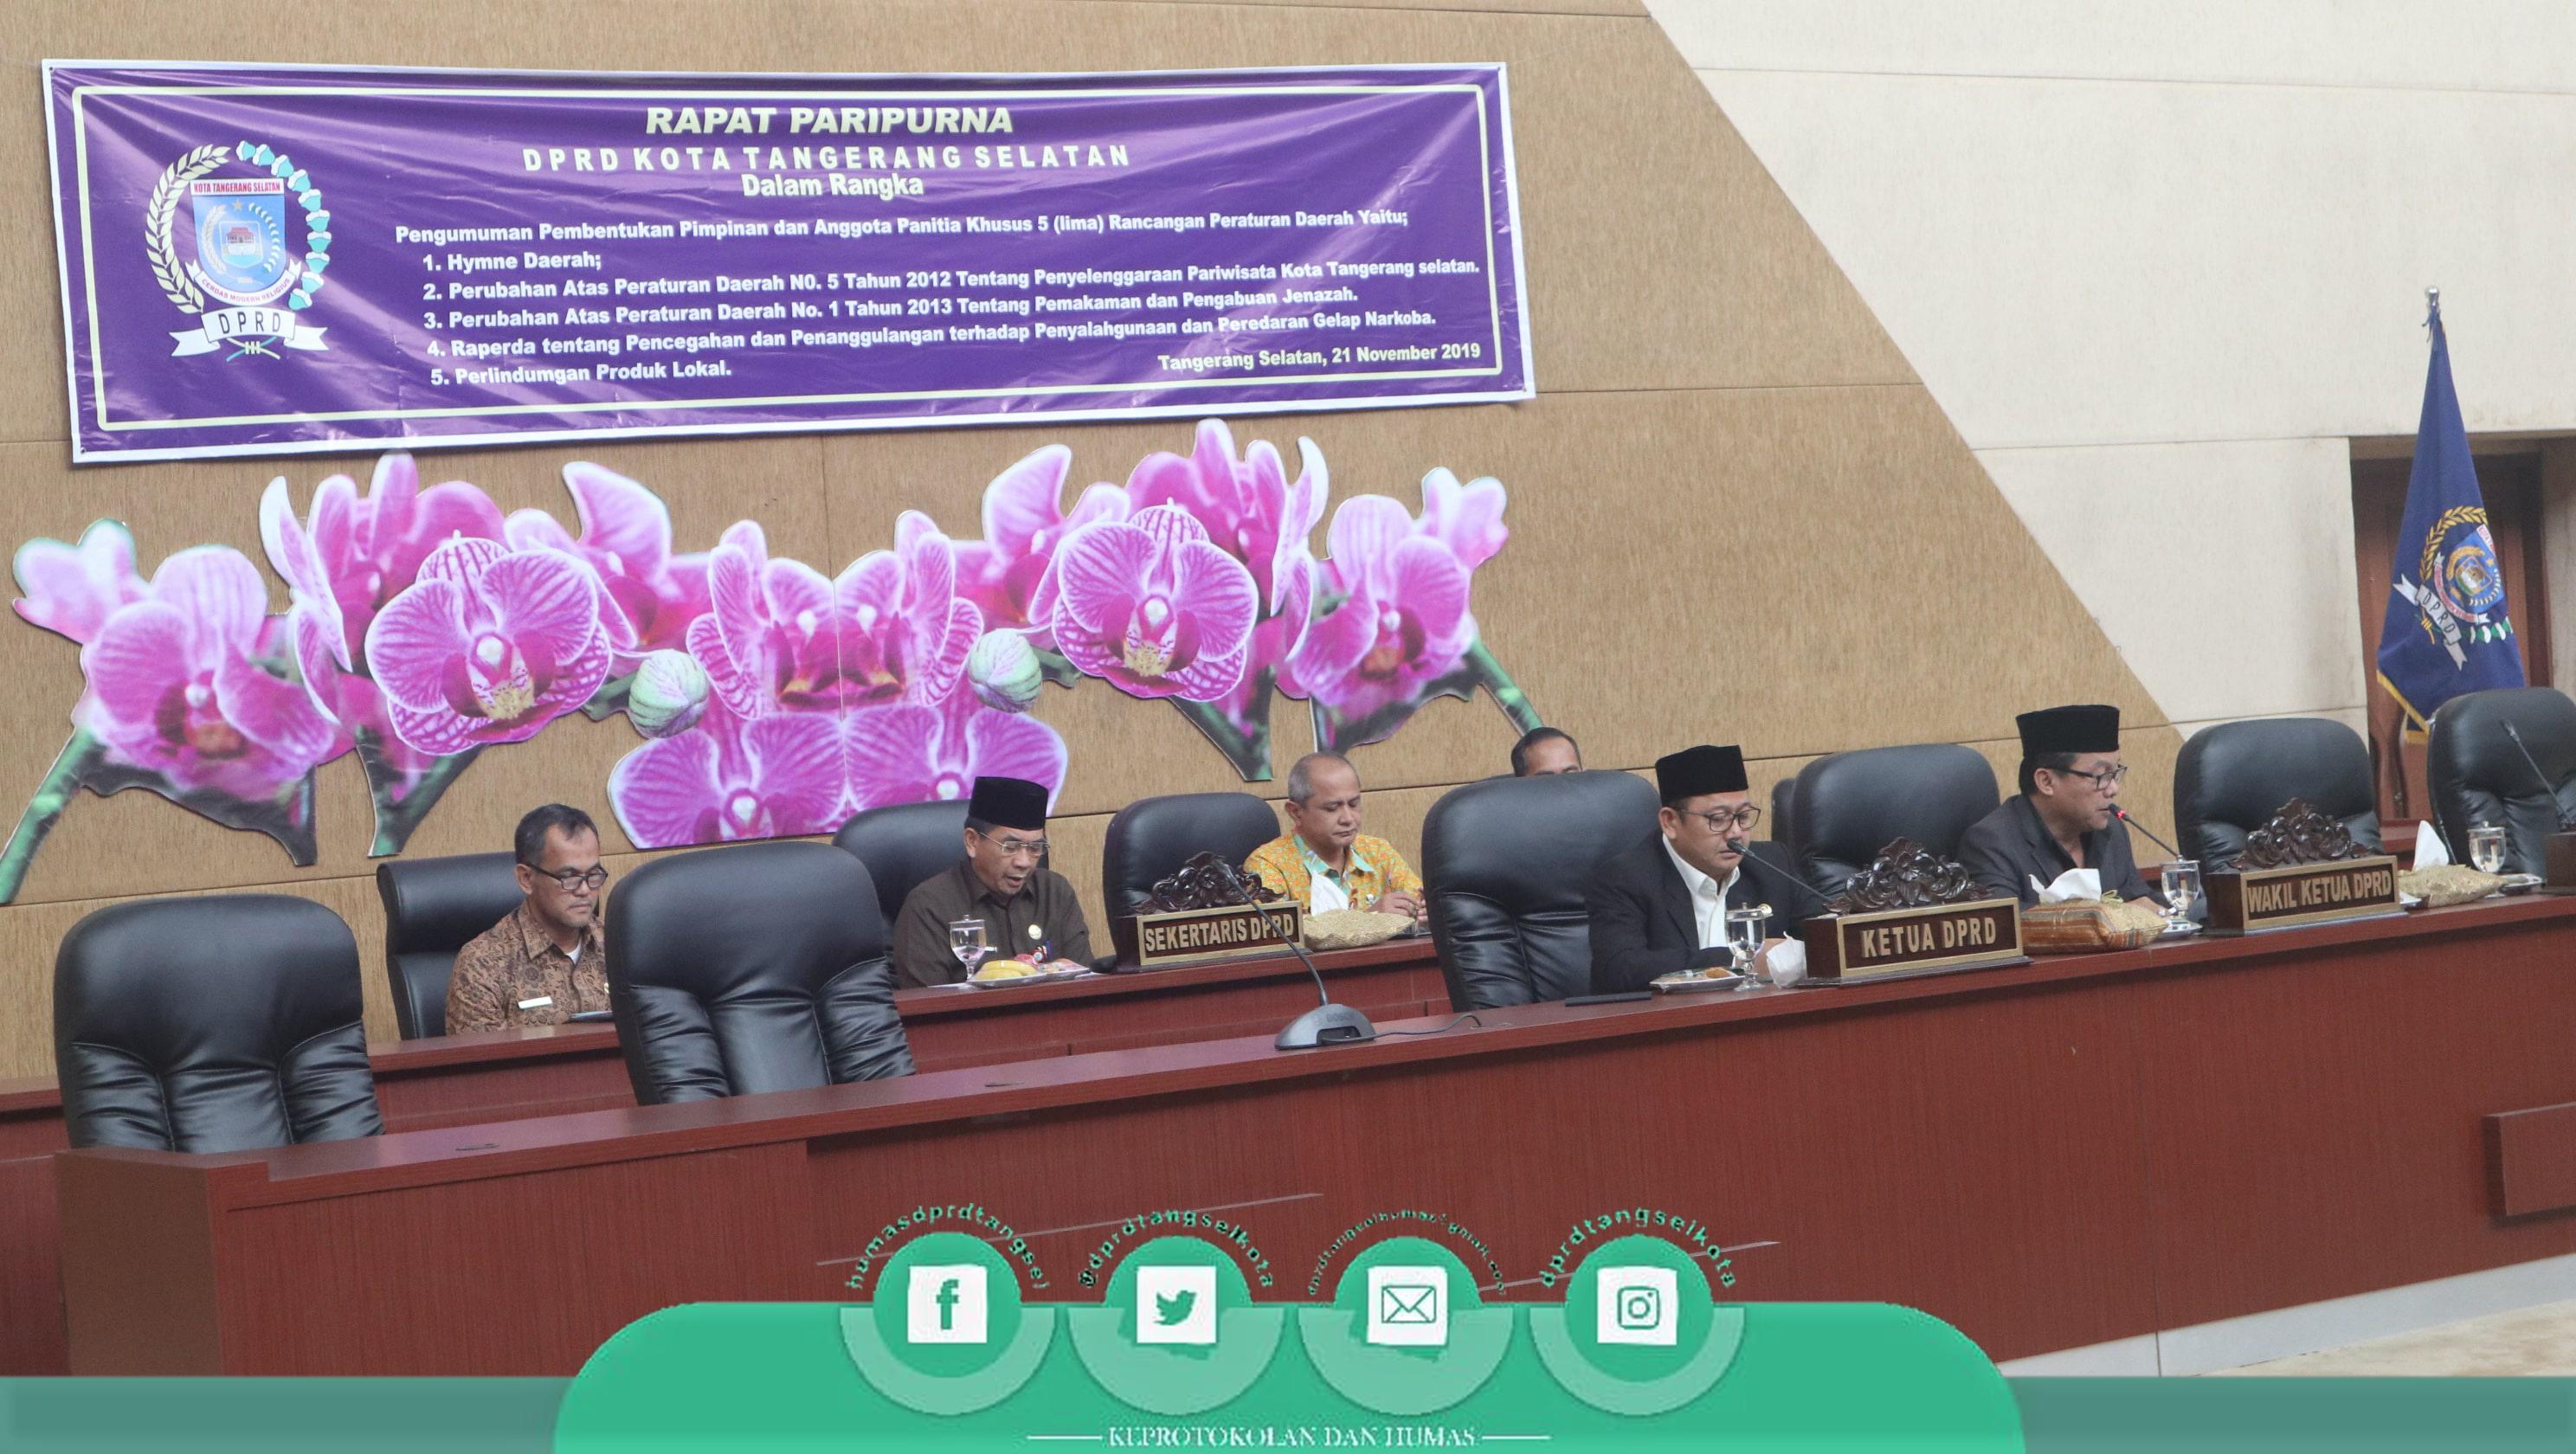 Pembentukan Pansus 5 Raperda, DPRD TangSel Adakan Rapat Paripurna